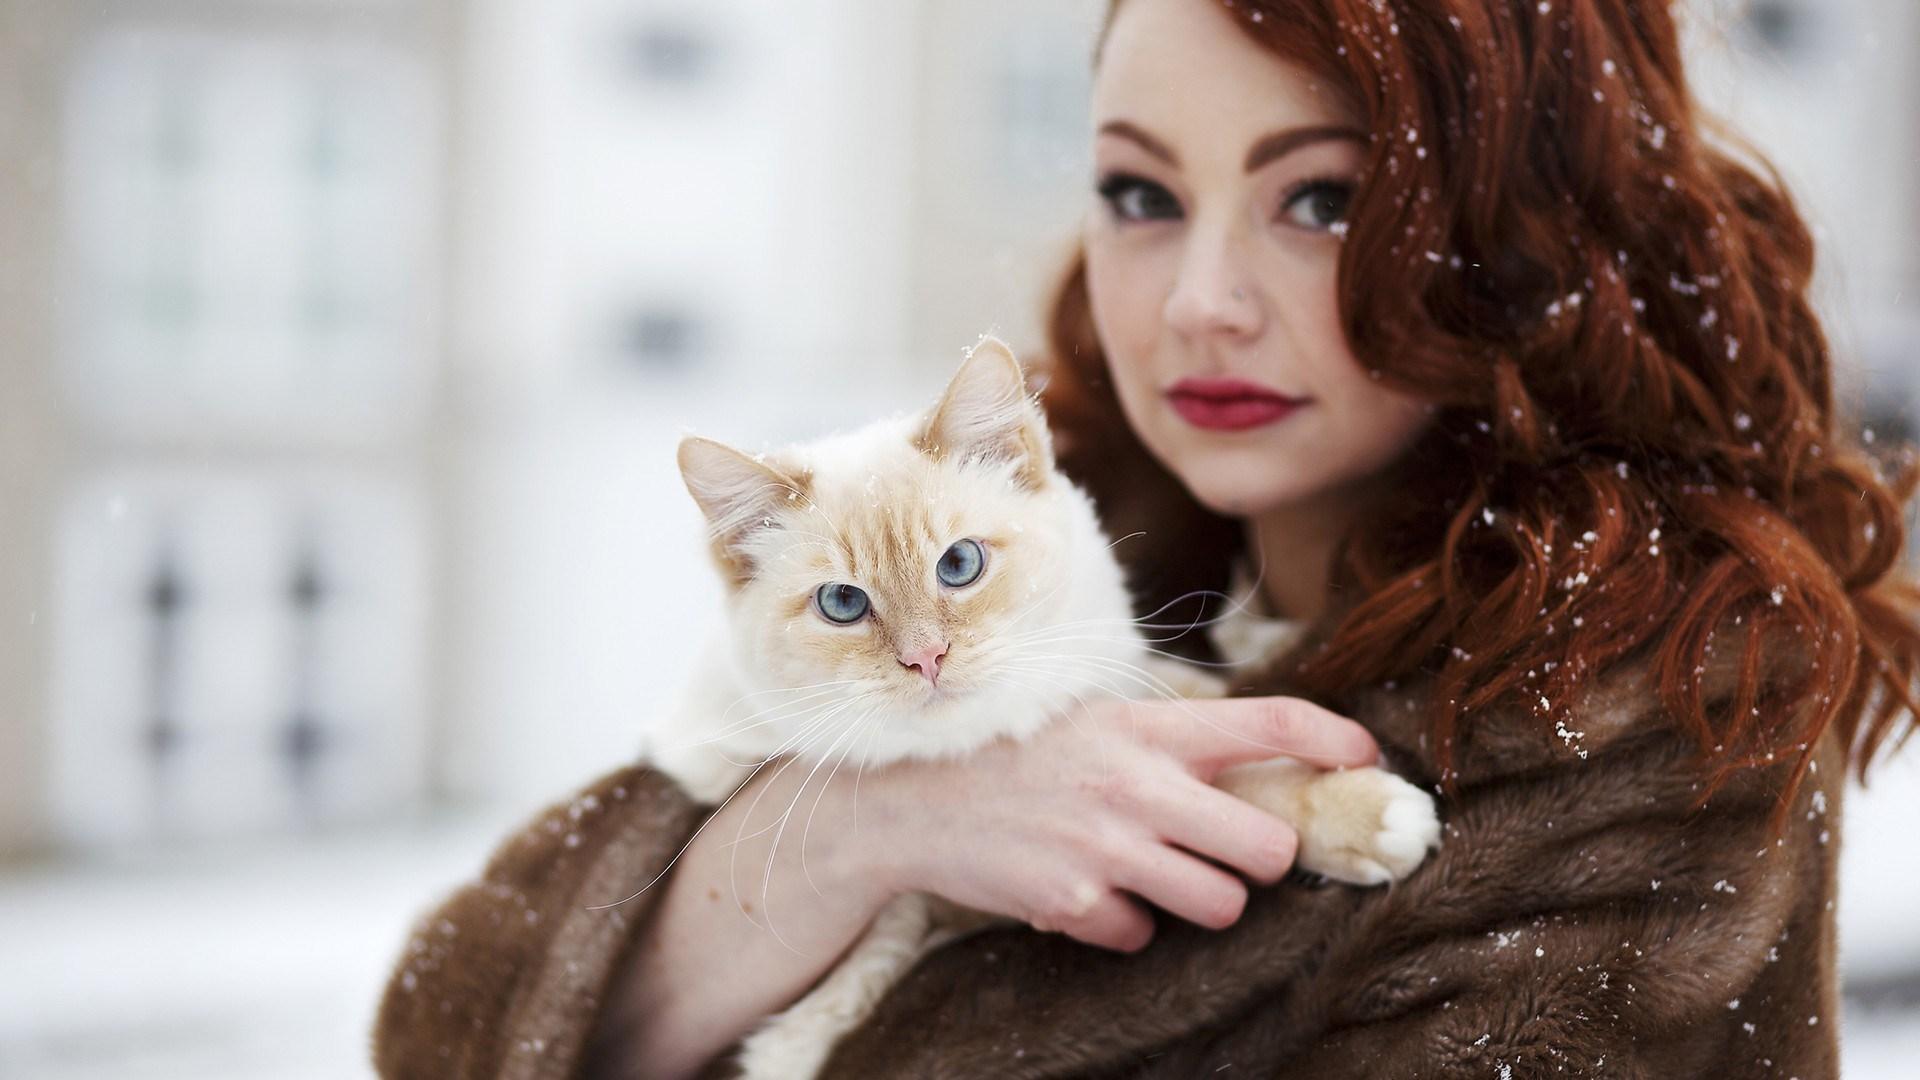 royal canin cat treats